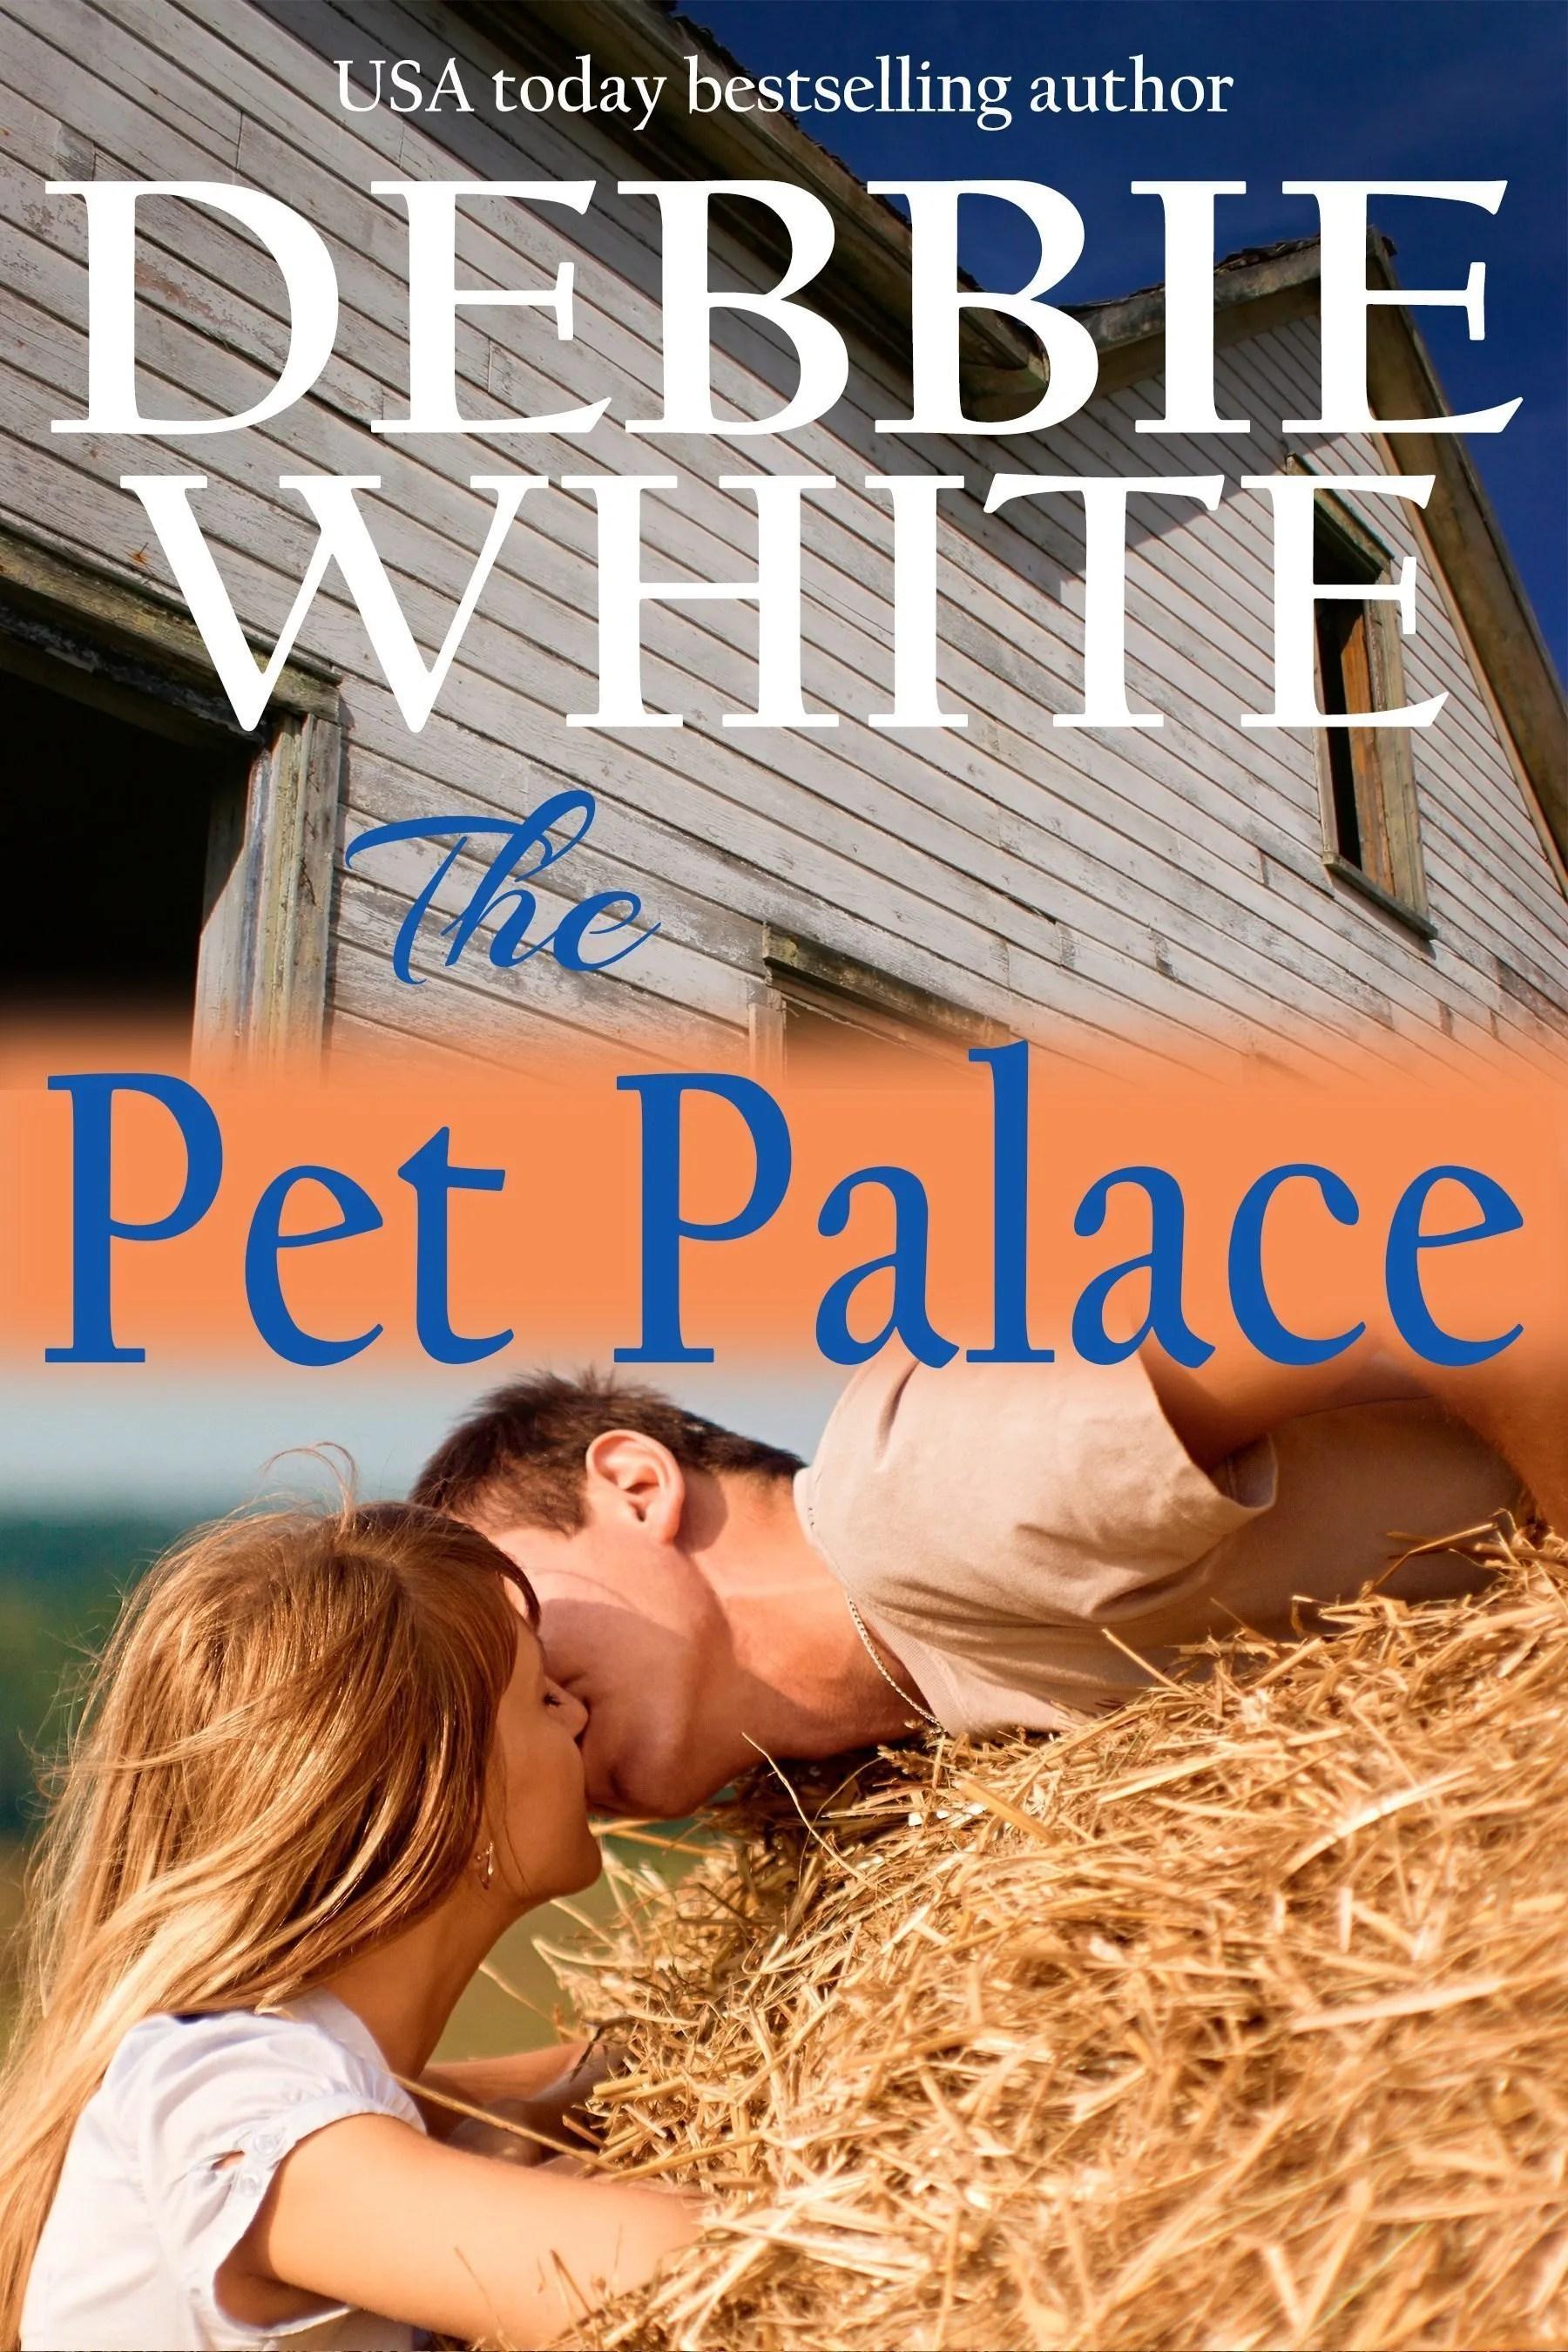 The Pet Palace